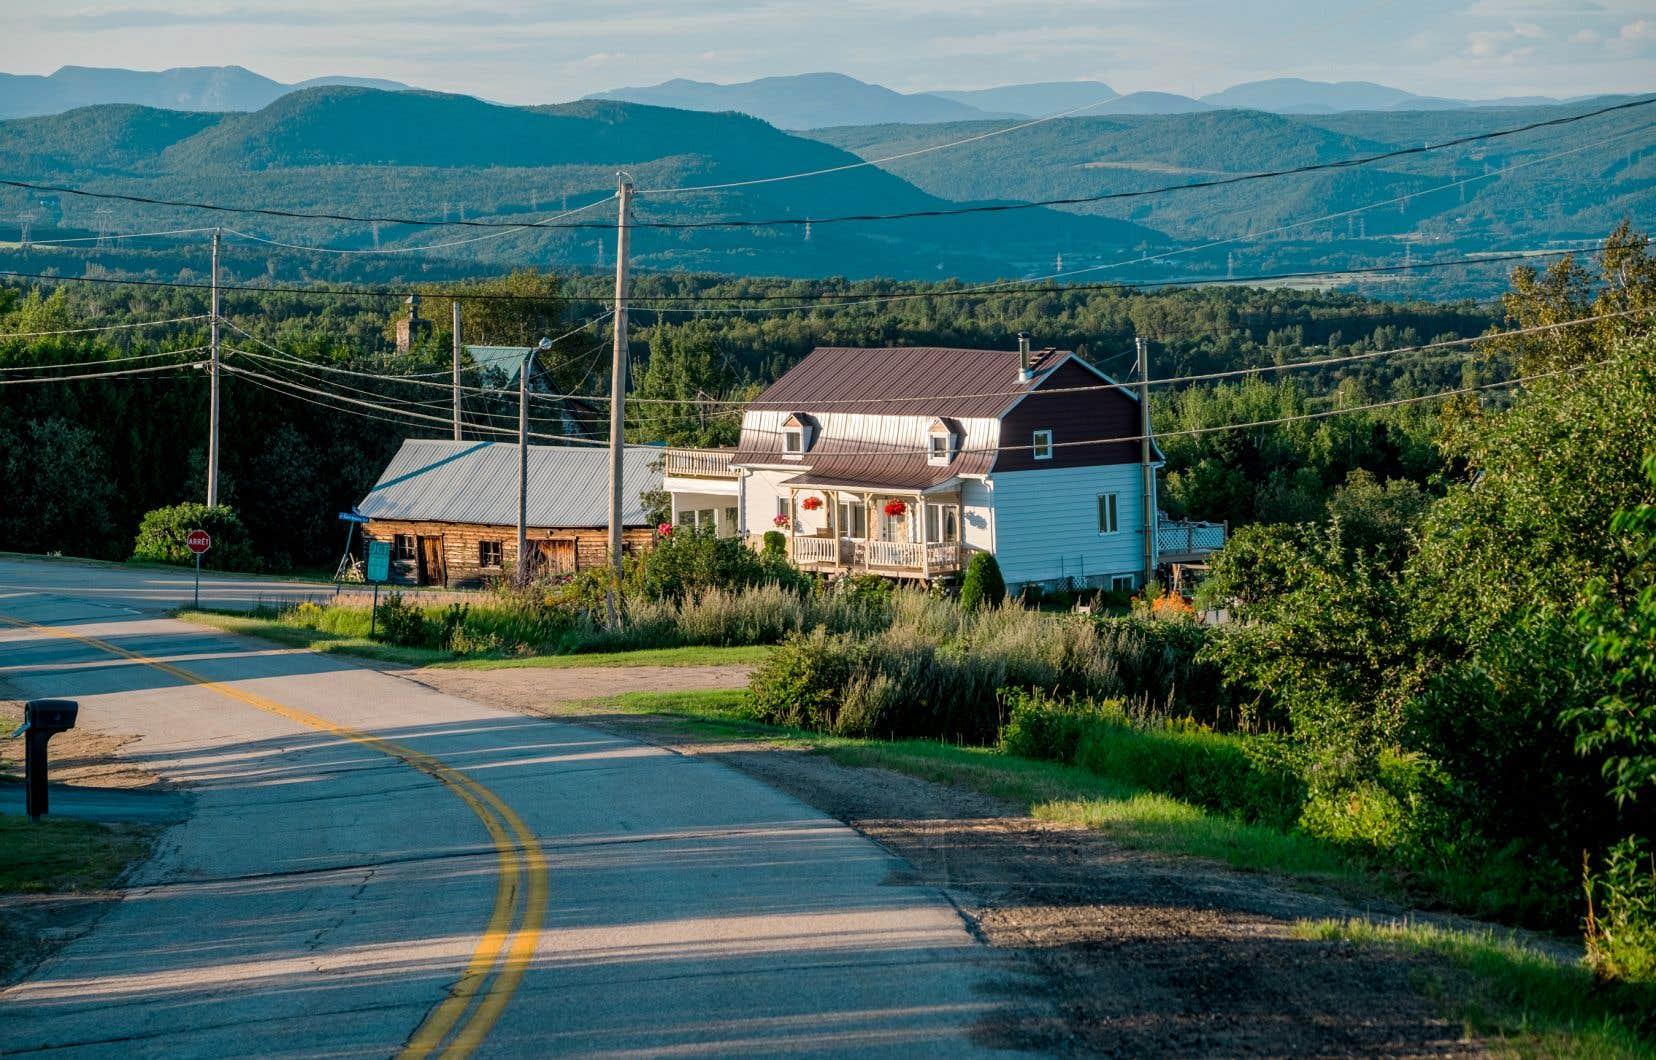 Le tourisme est l'une des activités économiques importantes de Baie-Saint-Paul, notamment avec le Festif qui se déroule en été et qui attire nombre de touristes. Mais la ville a maintenant comme défi d'attirer plus de résidents, un défi qui pourrait se buter au manque de logements.